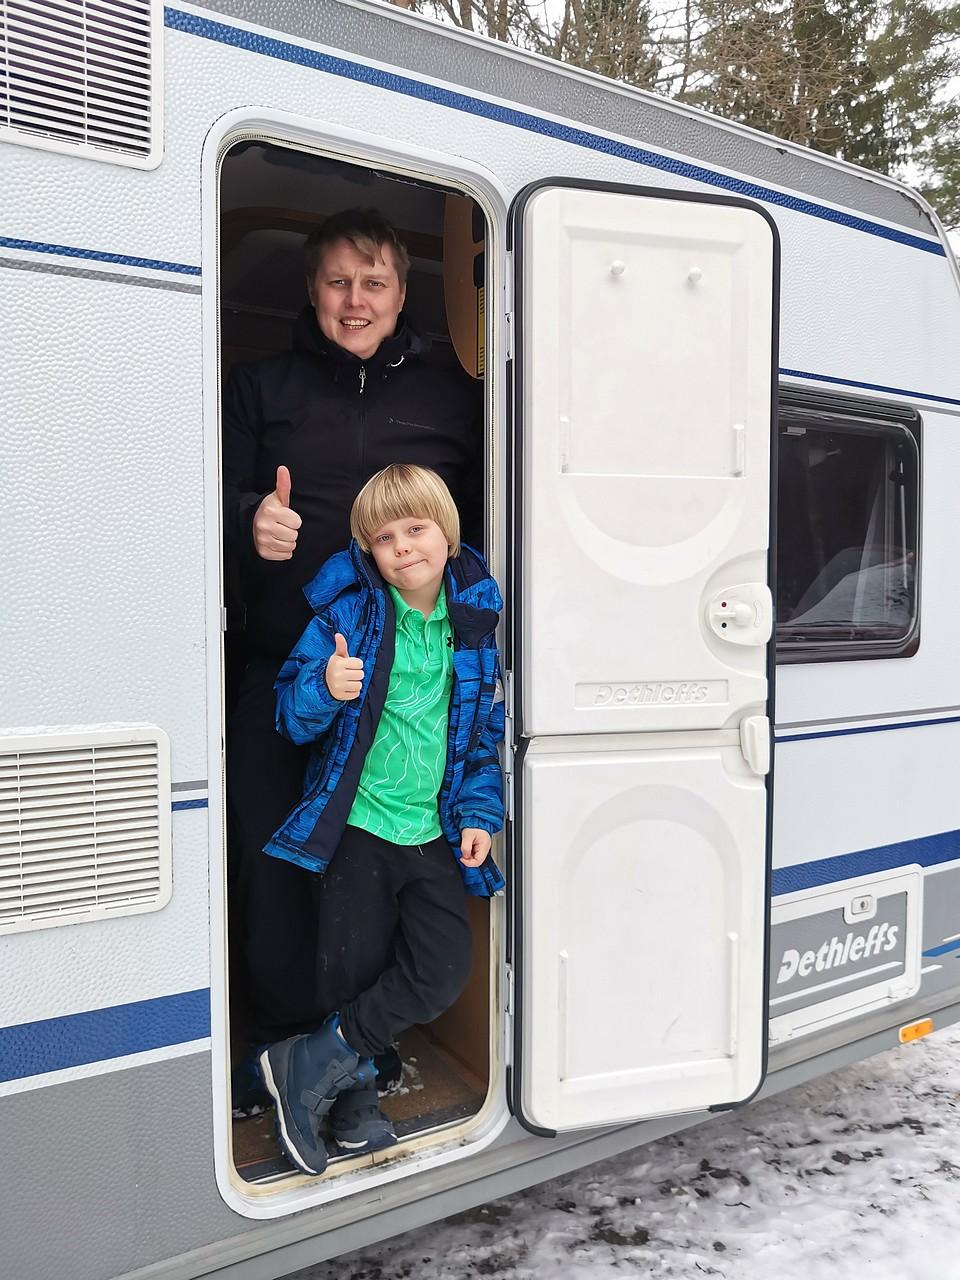 Isä ja poika asuntovaunun ovella peukut pystyssä.